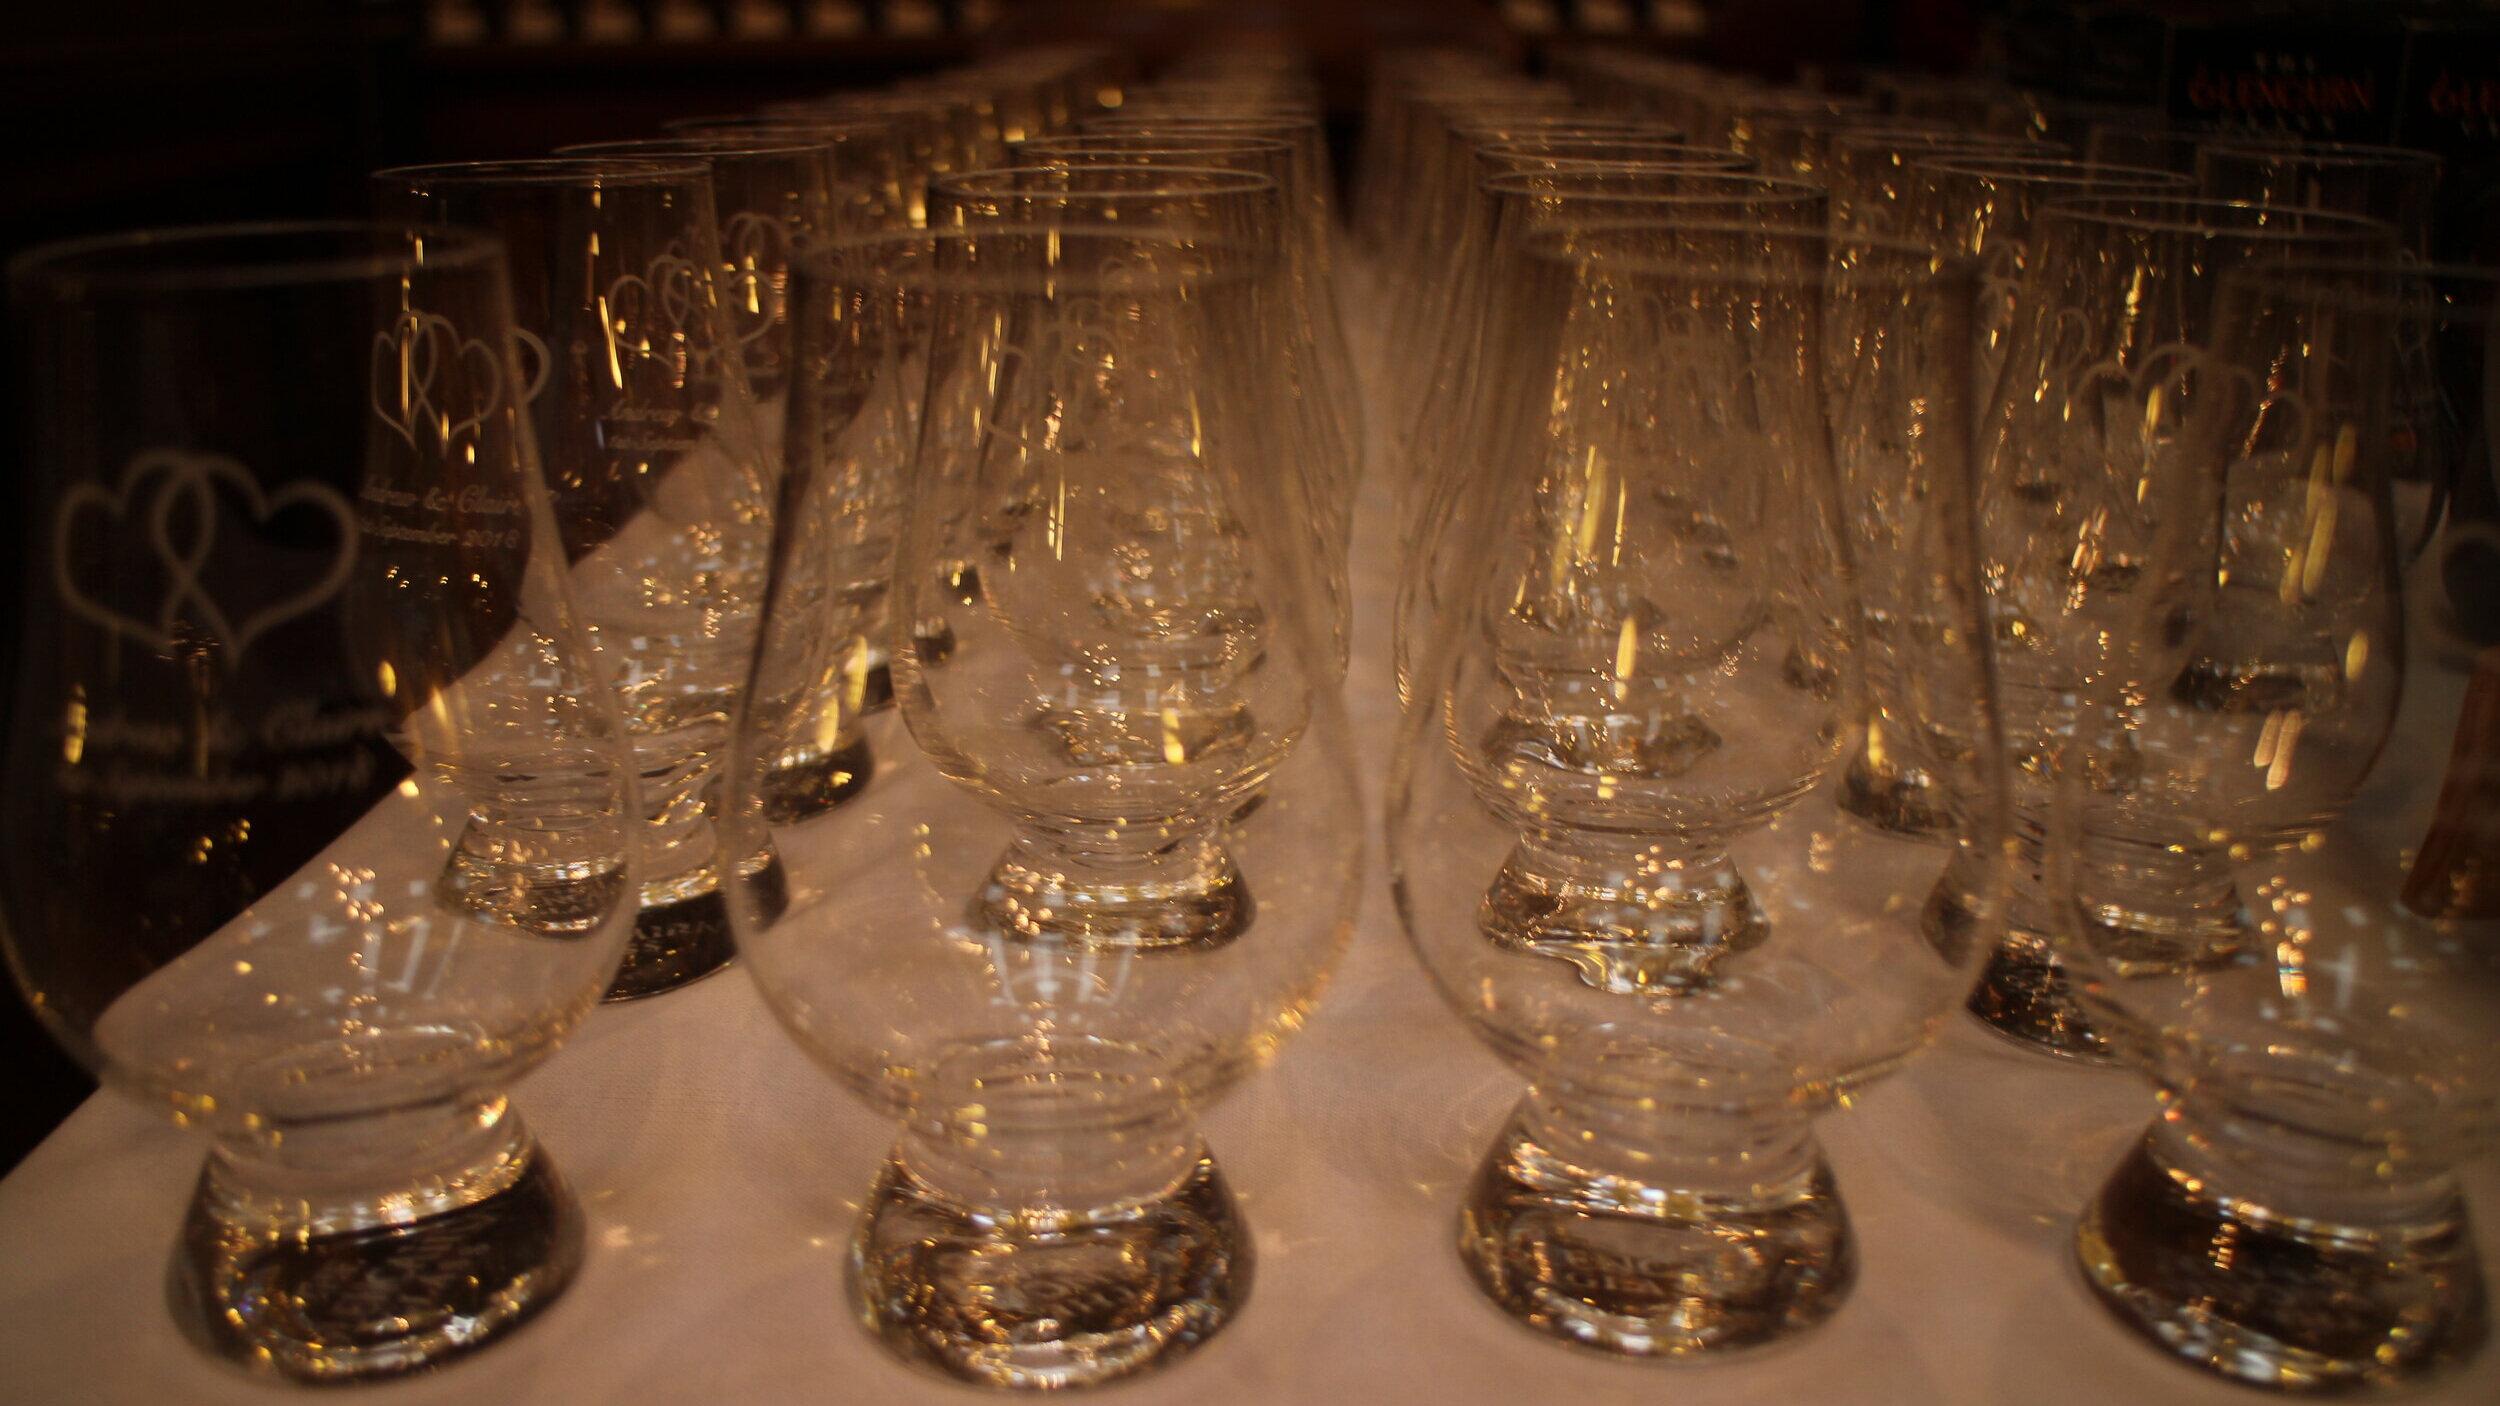 Engraved whisky glasses for weddings.